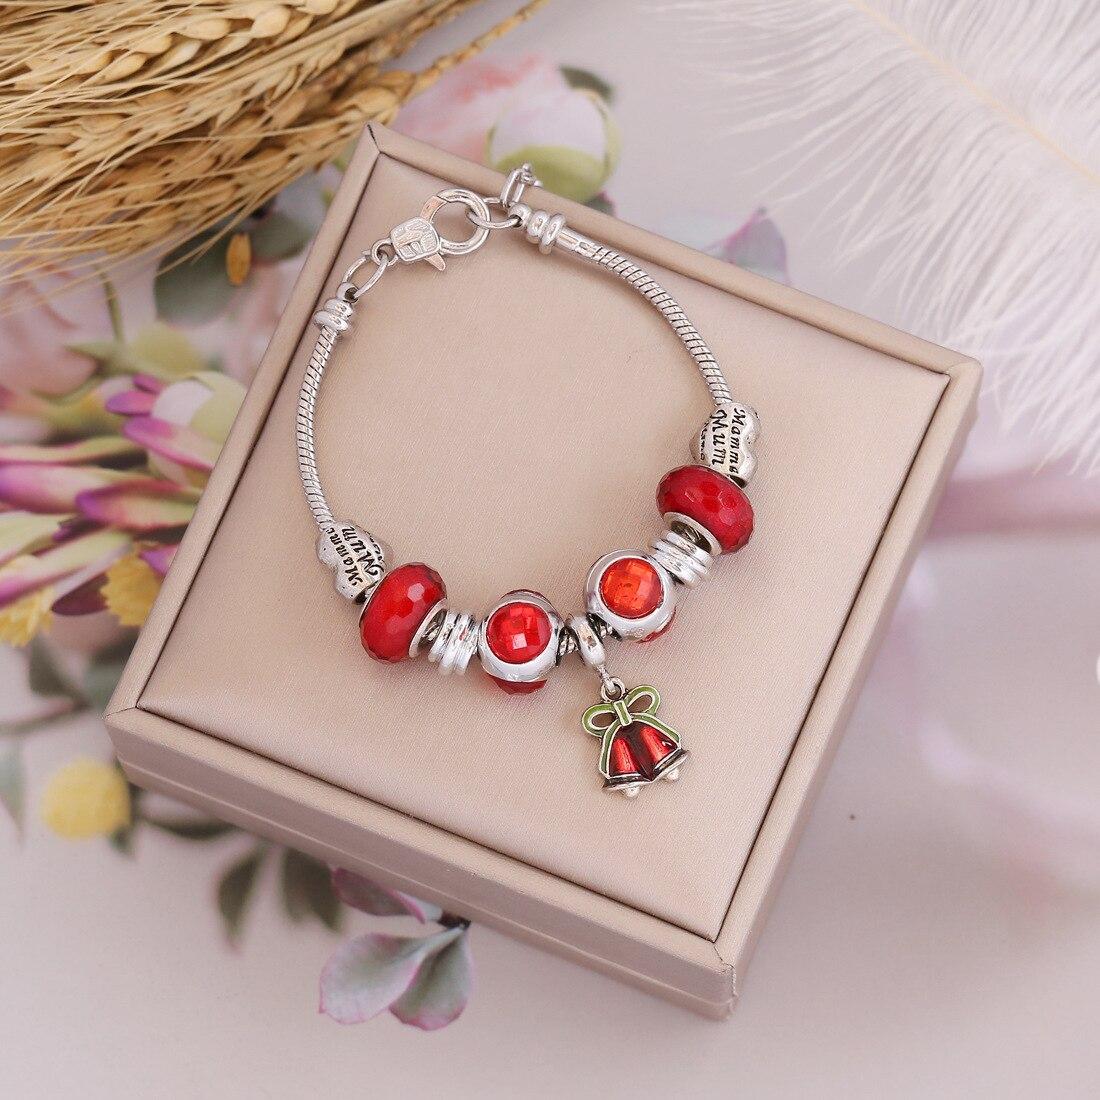 Рождественский браслет, модные персонализированные ювелирные изделия своими руками, новые трендовые ювелирные изделия для рук